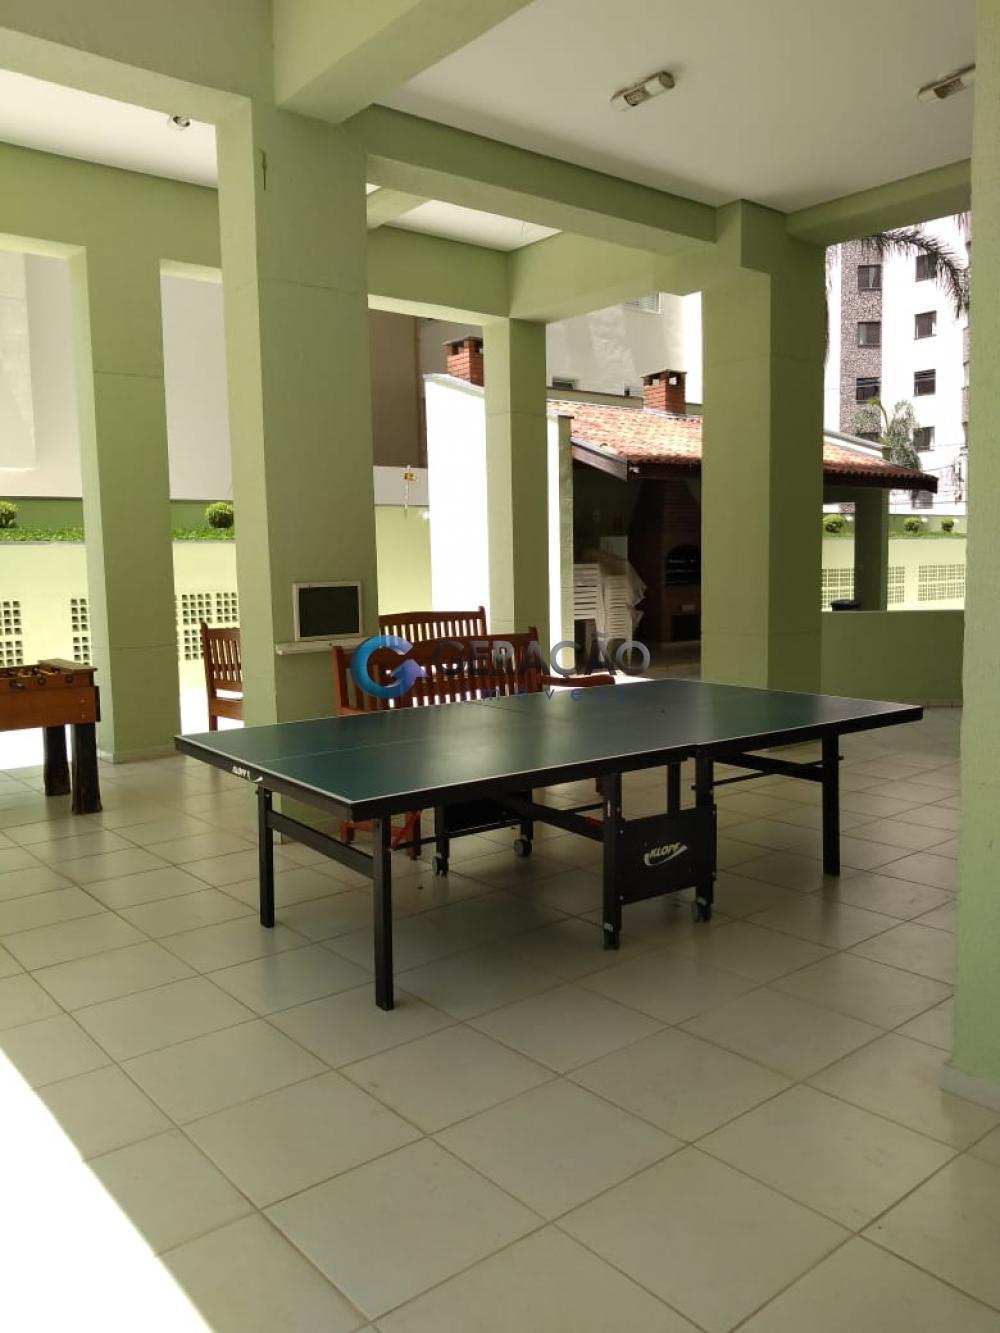 Comprar Apartamento / Padrão em São José dos Campos R$ 756.000,00 - Foto 19